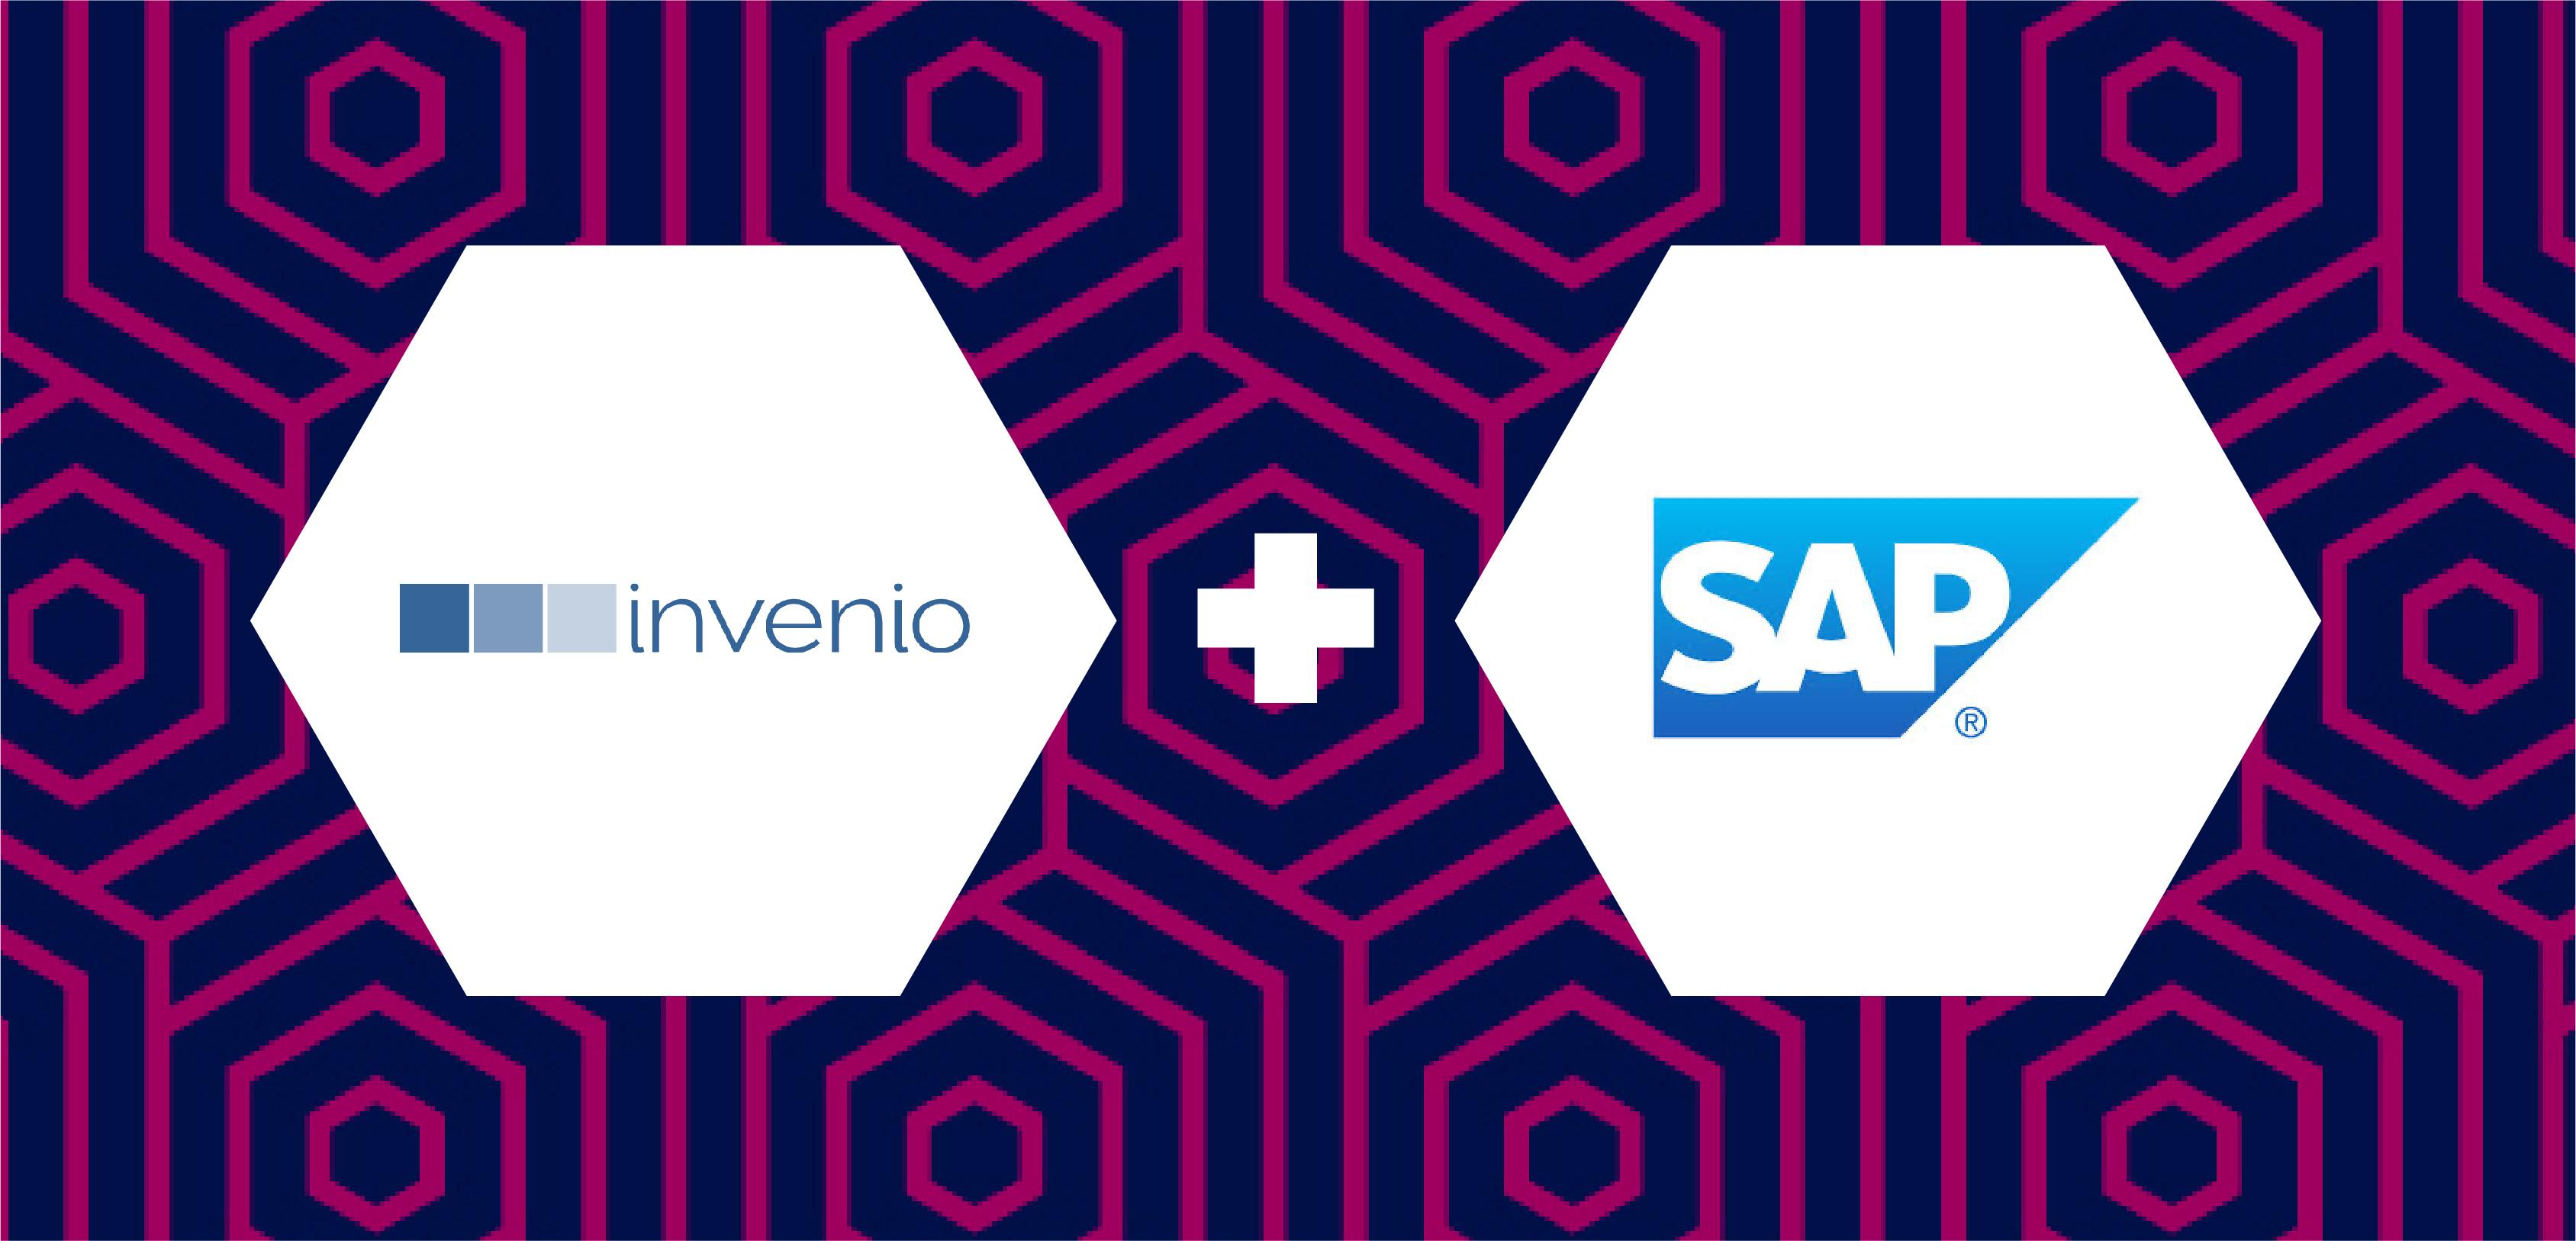 invenio_sap